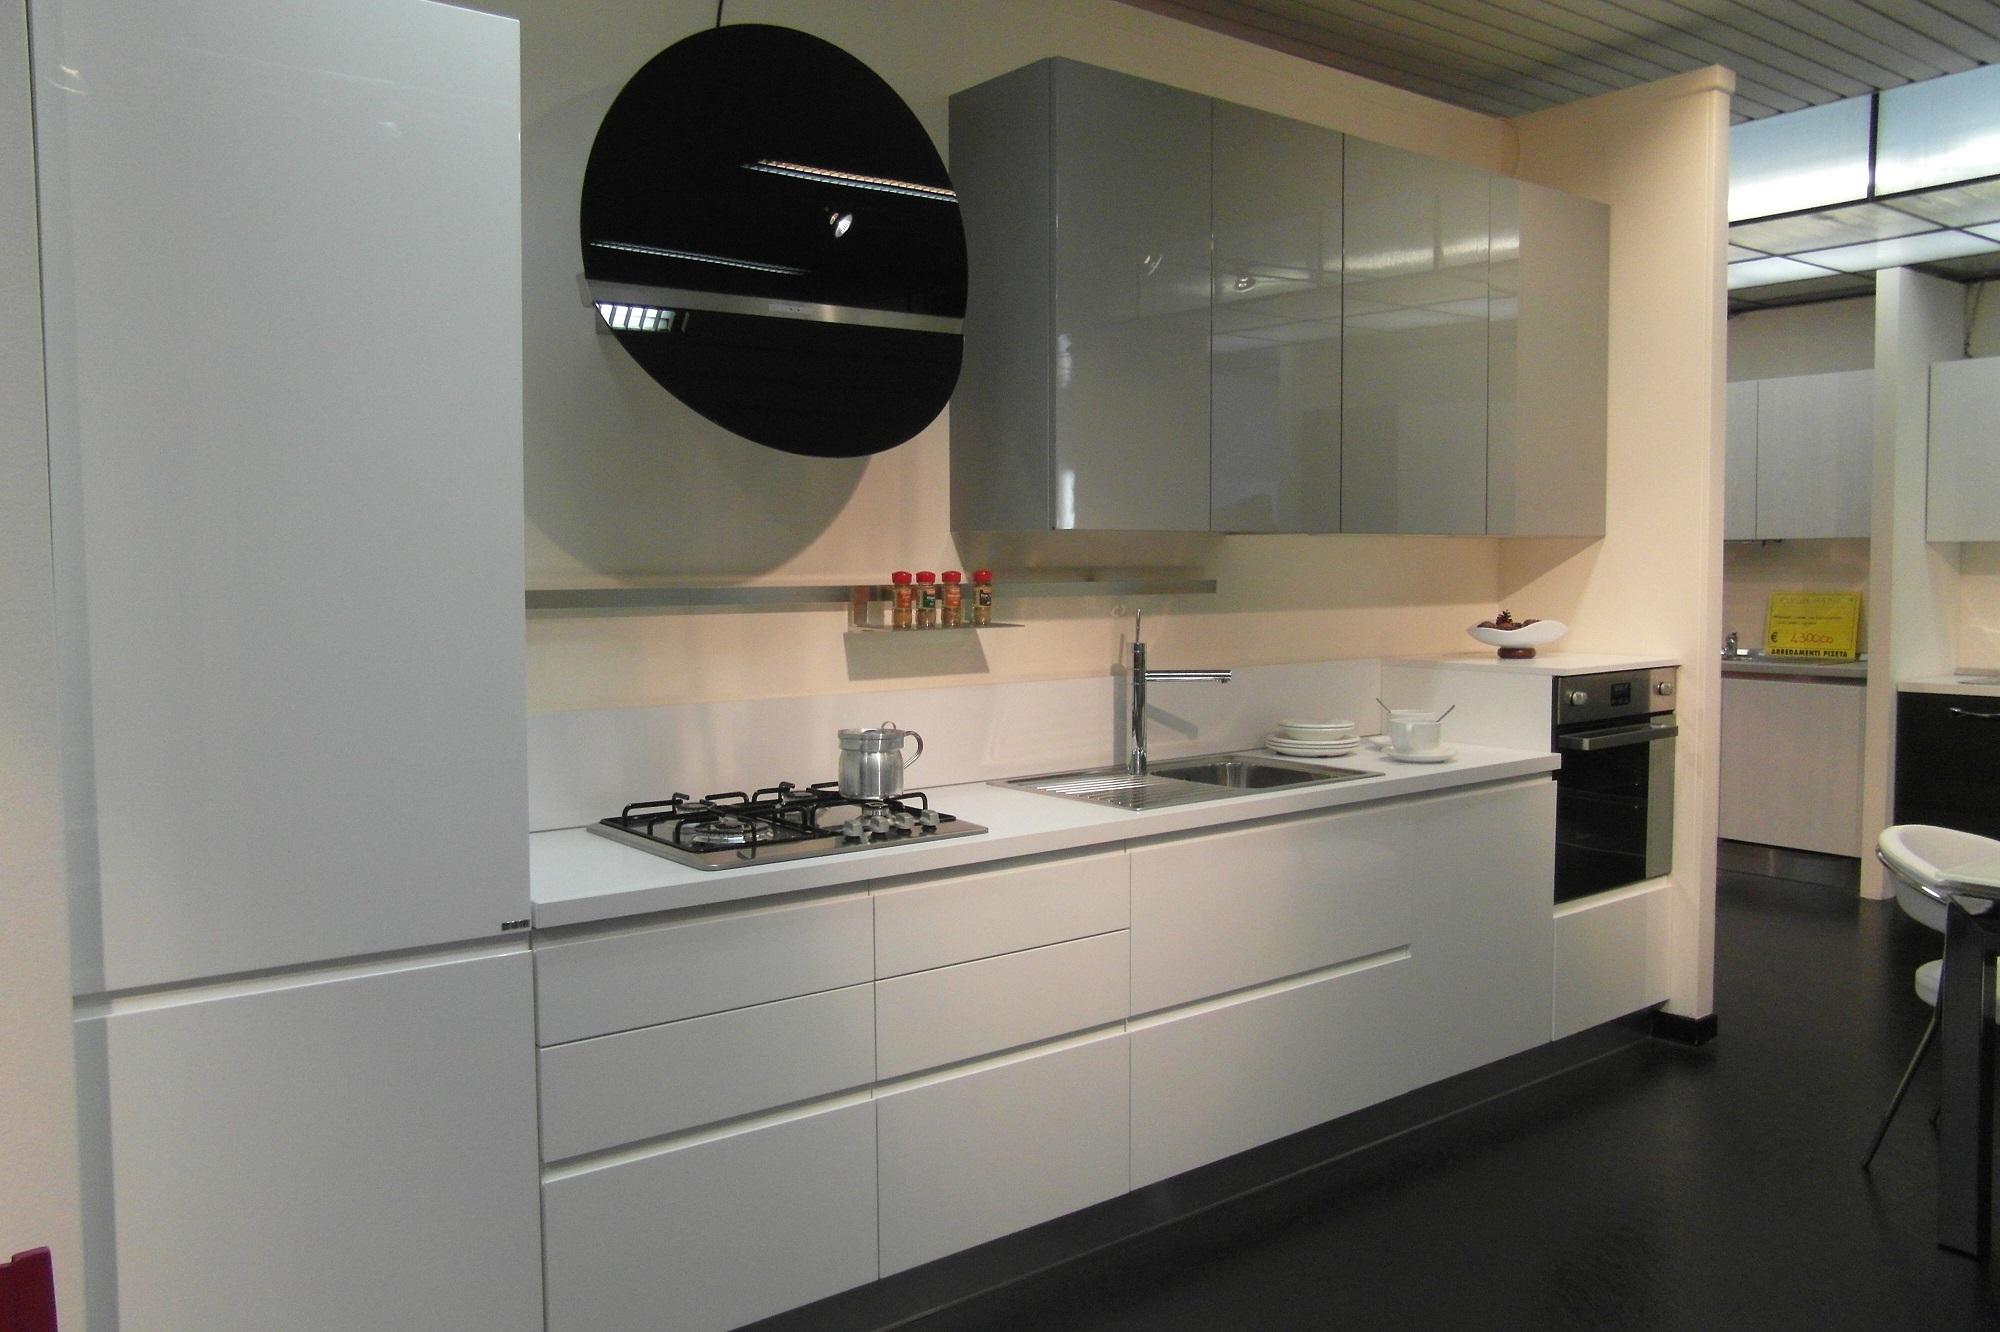 Cucina ar tre flo 39 moderna laccato lucido bianca cucine a prezzi scontati - Cucina bianca lucida ...